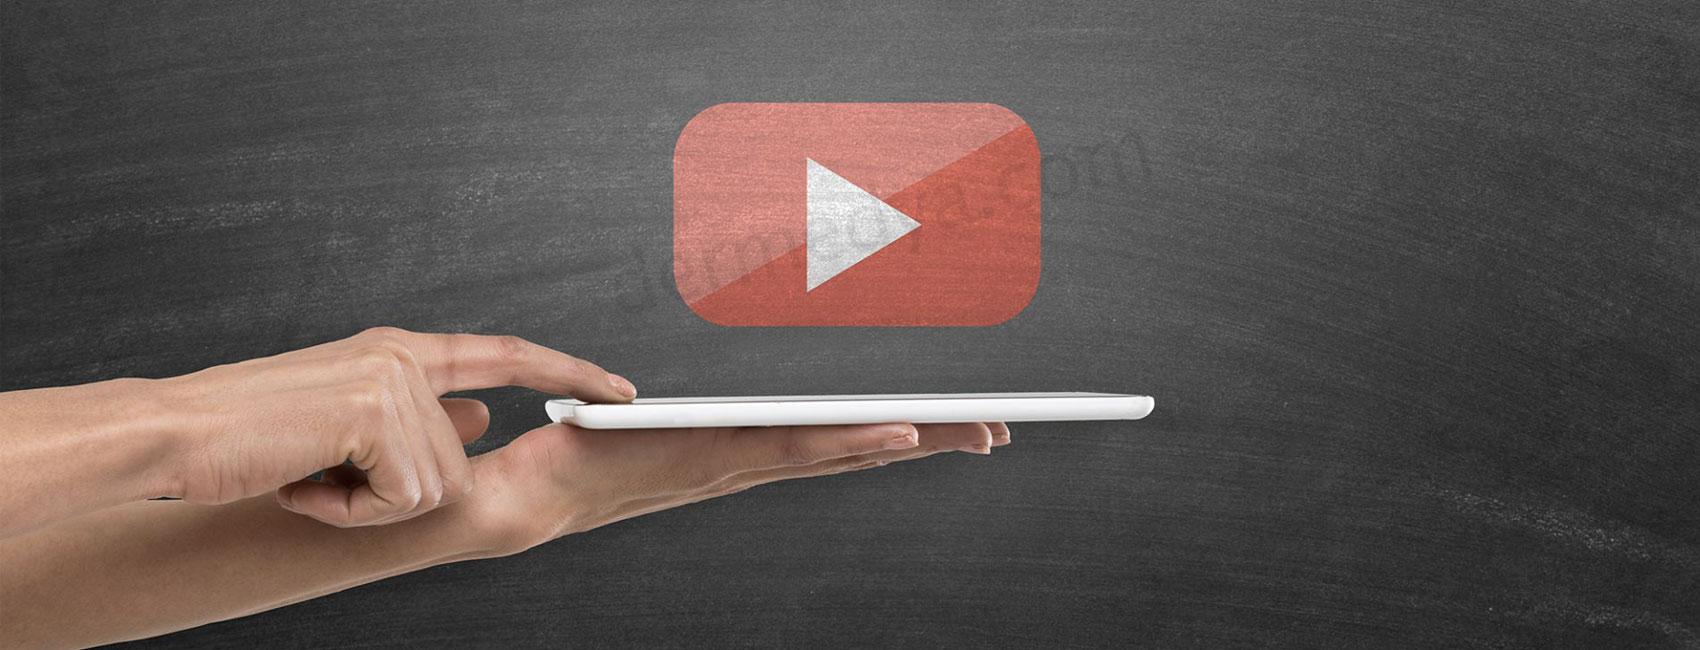 Sosyal Medya Reklamları: YouTube